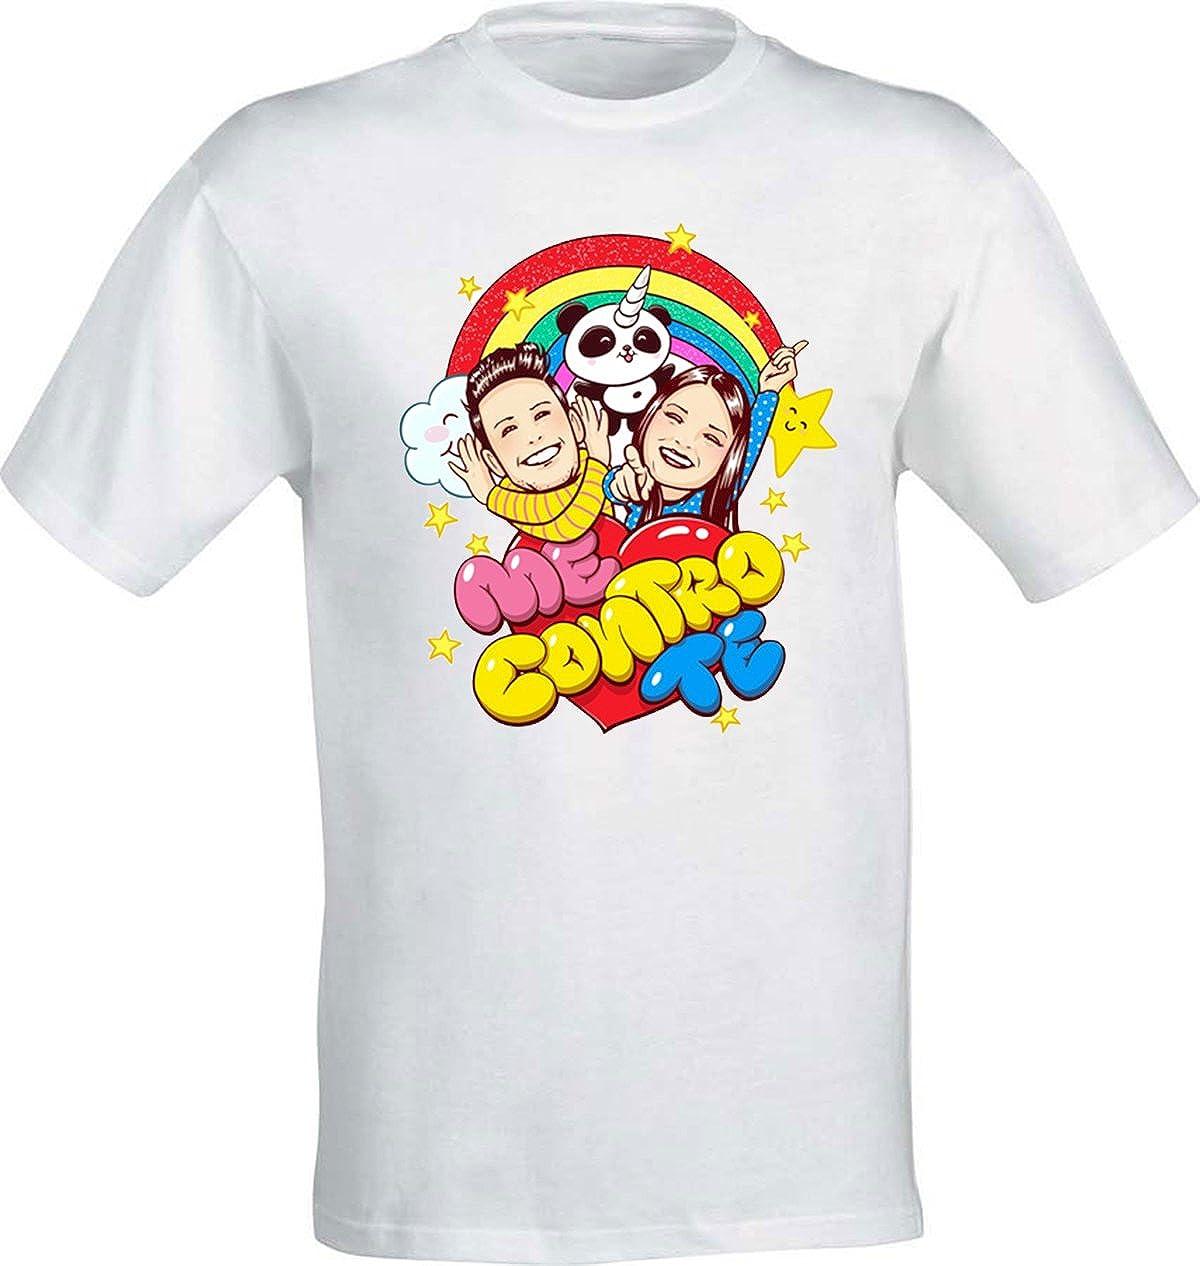 La T-Shirt di Sofì e Luì Team trote Kira e Ray 100% Cotone Alta qualità - Bambini/e Ragazzi/e Adulti